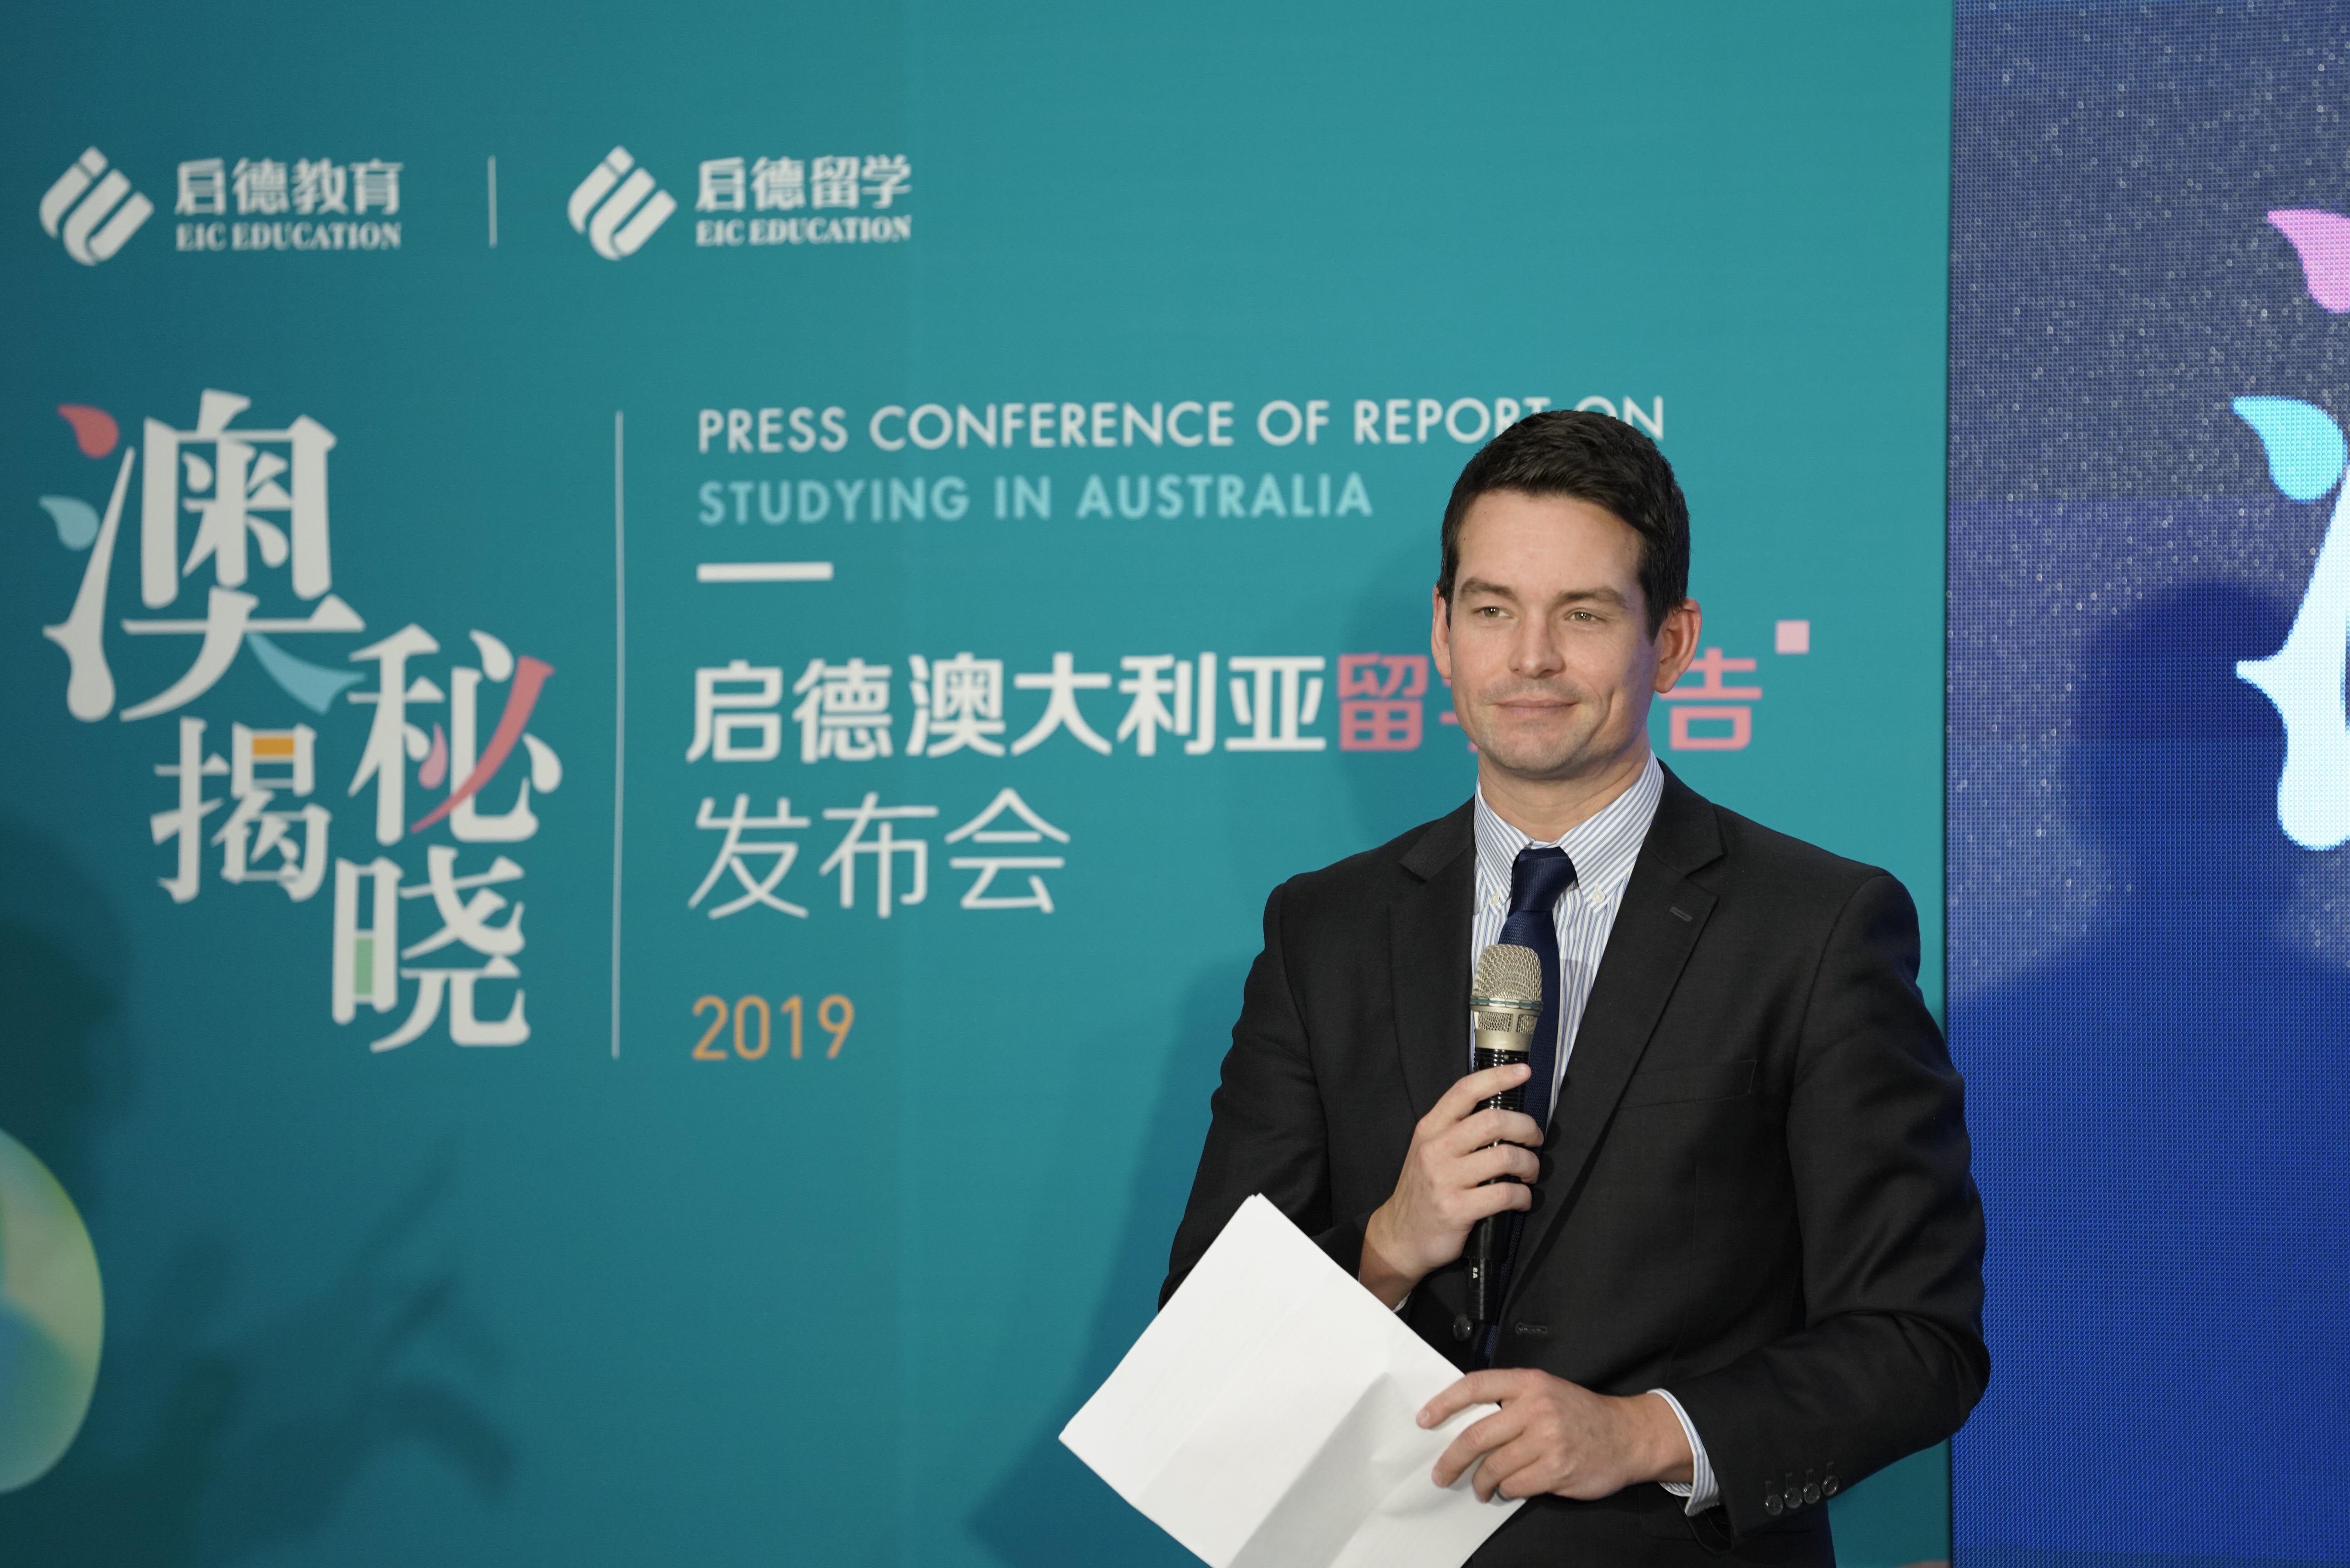 澳大利亚留学报告:会计专业热度下降 媒体与传播跻身前十